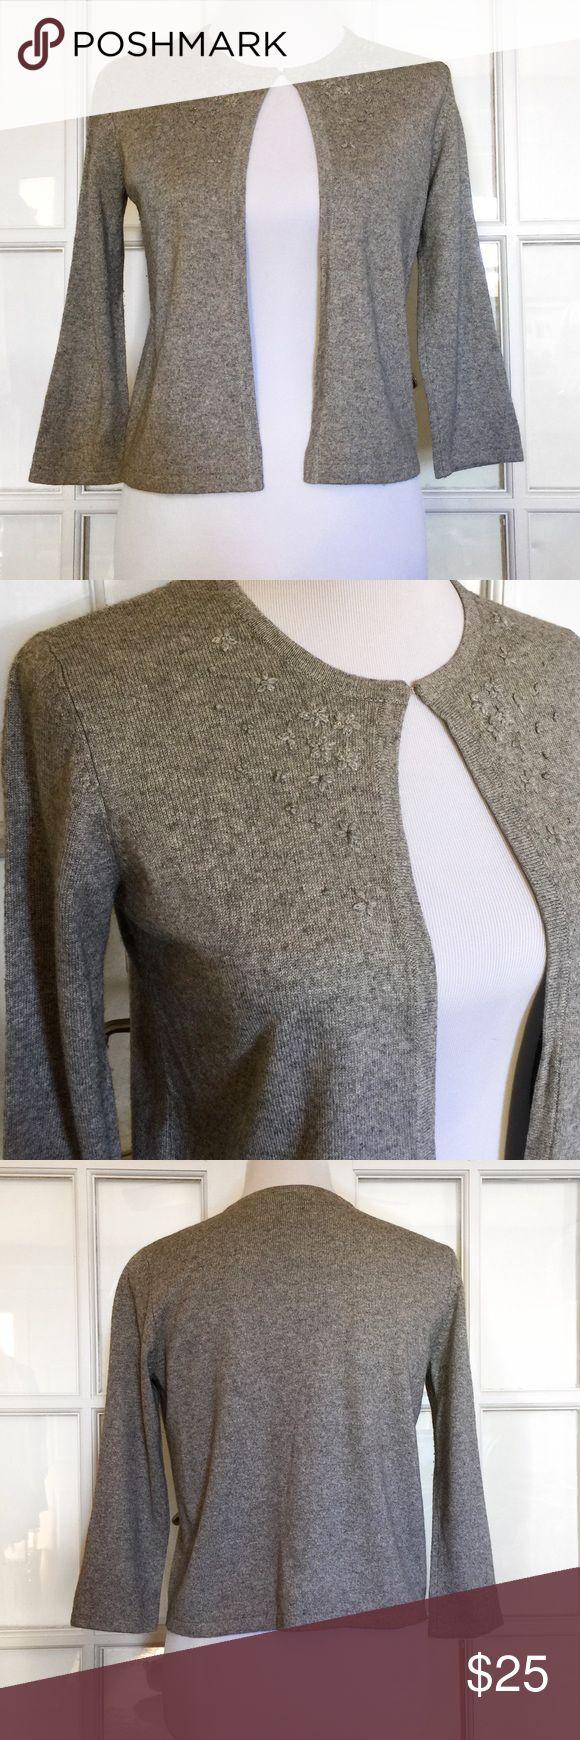 Best 25  Grey shrug ideas on Pinterest | Cyberpunk clothes, Grey ...